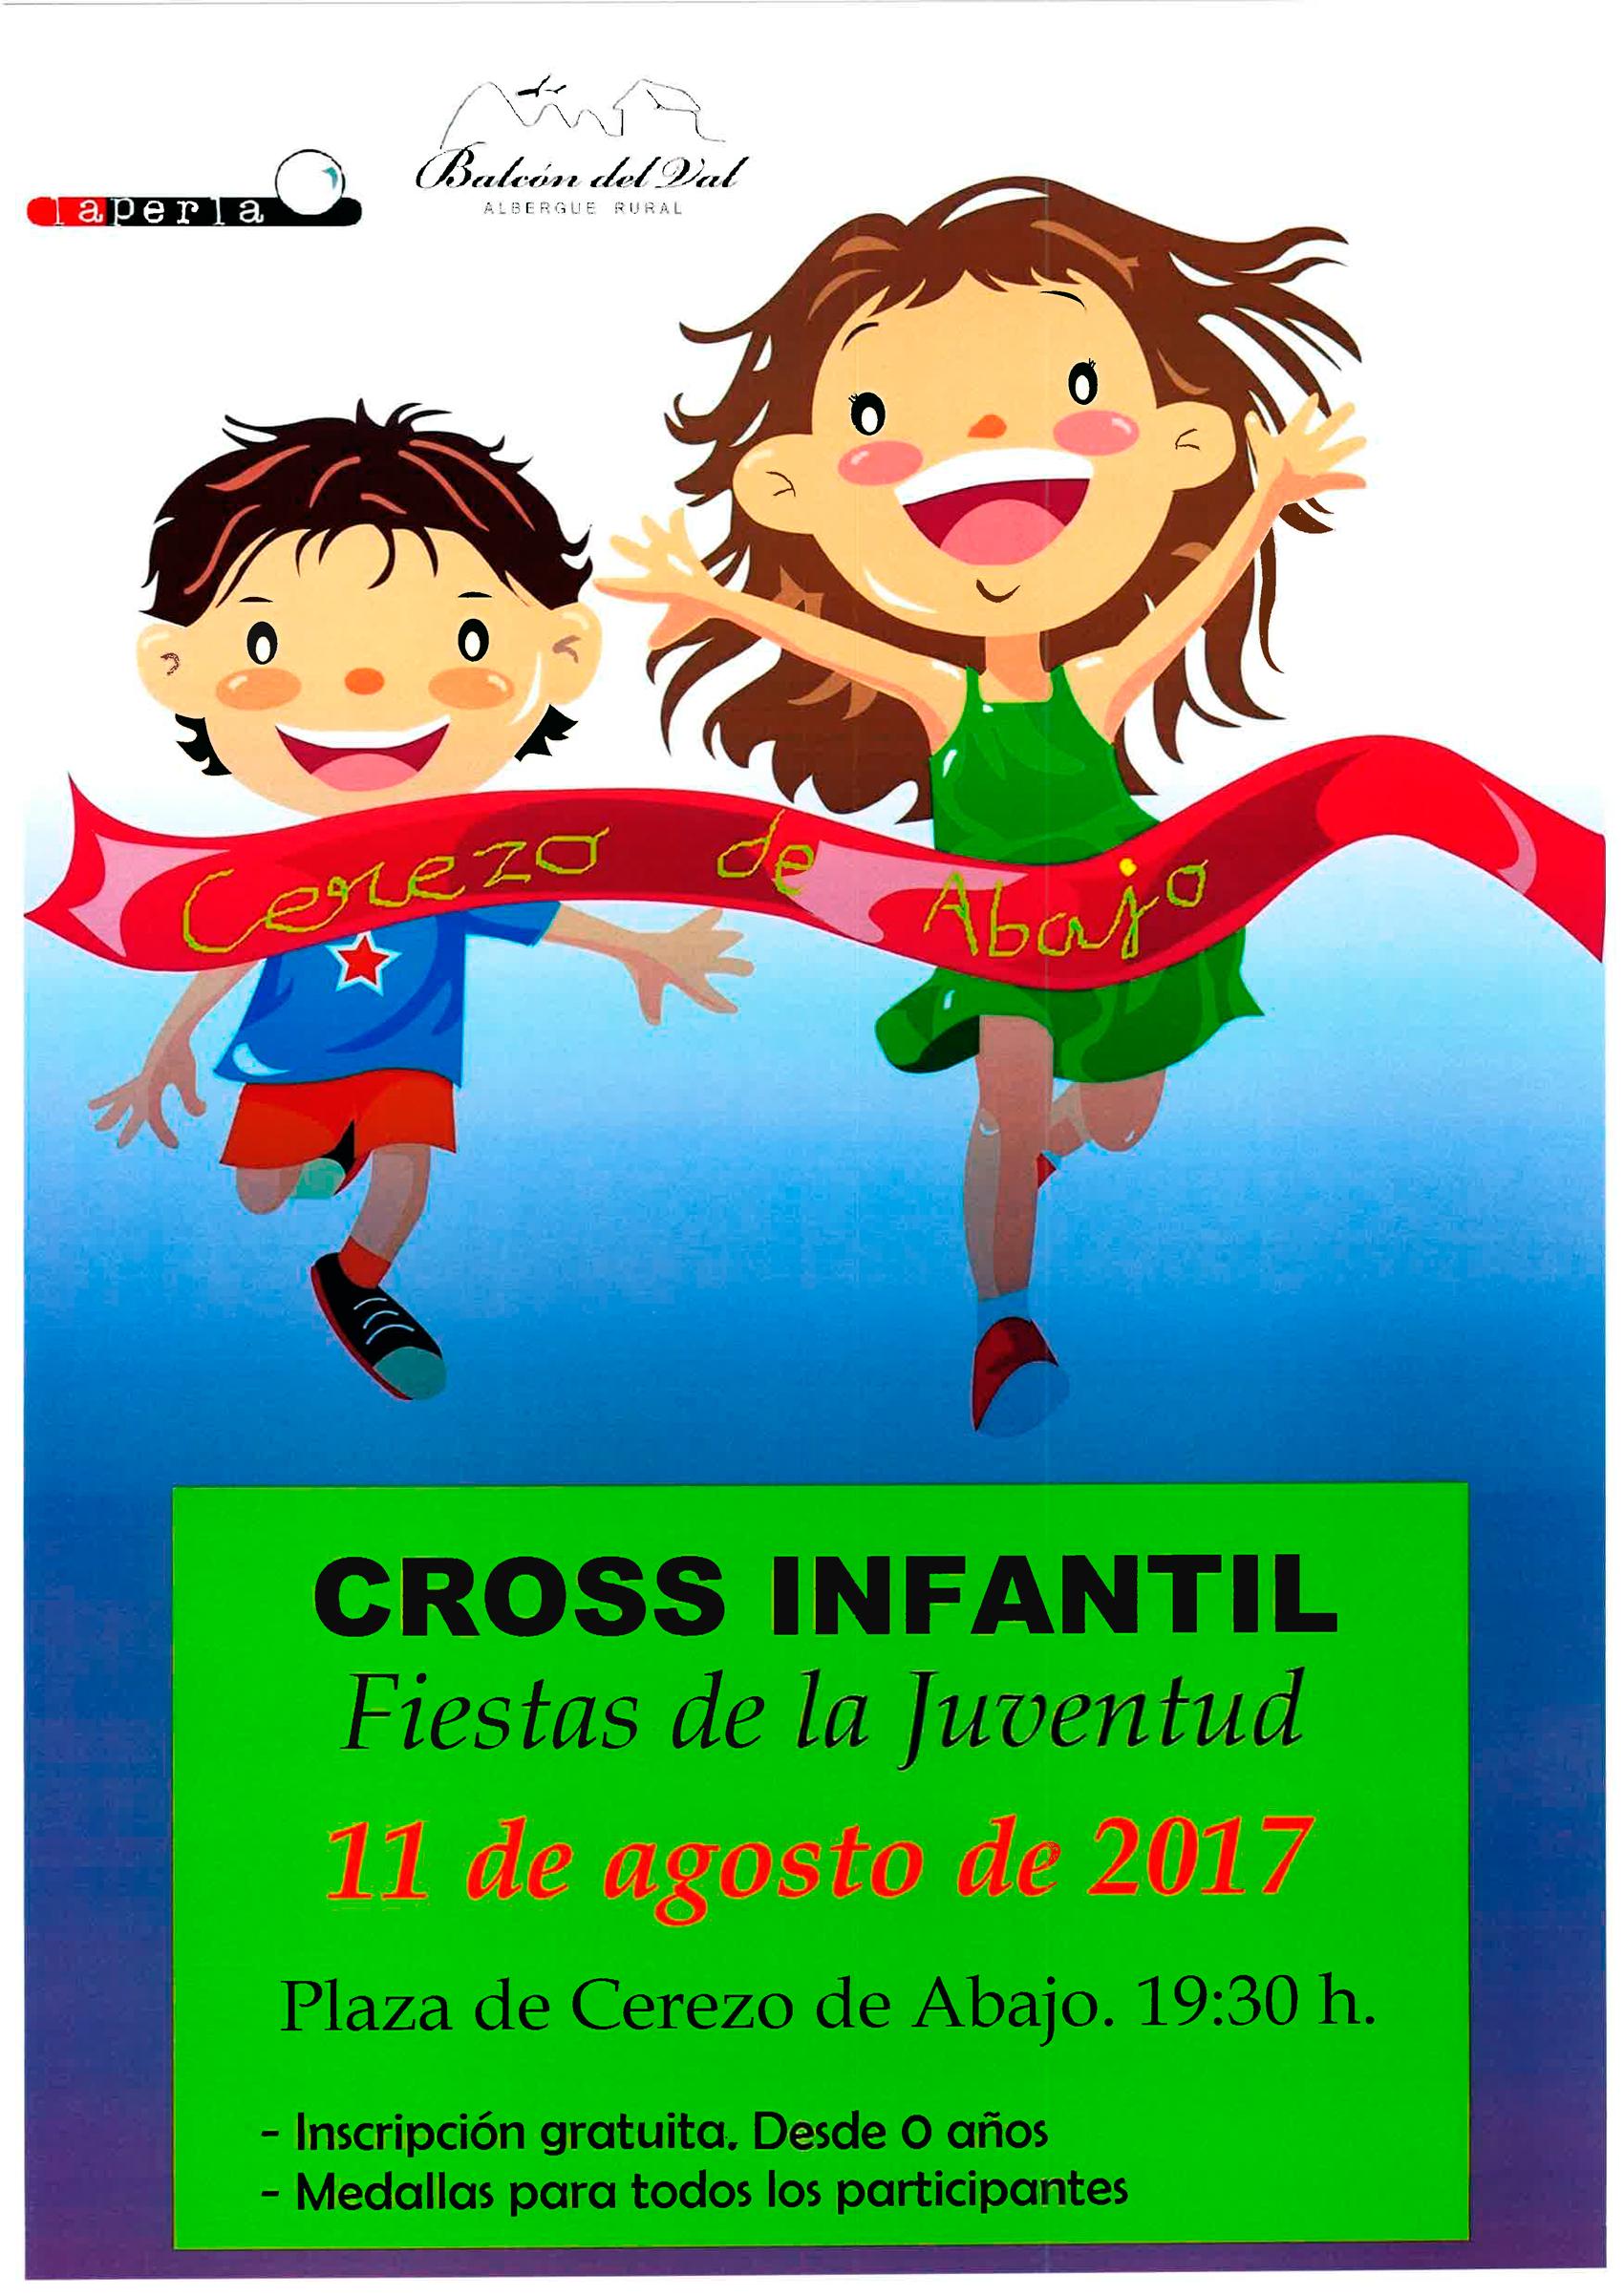 CROSS-INFANTIL